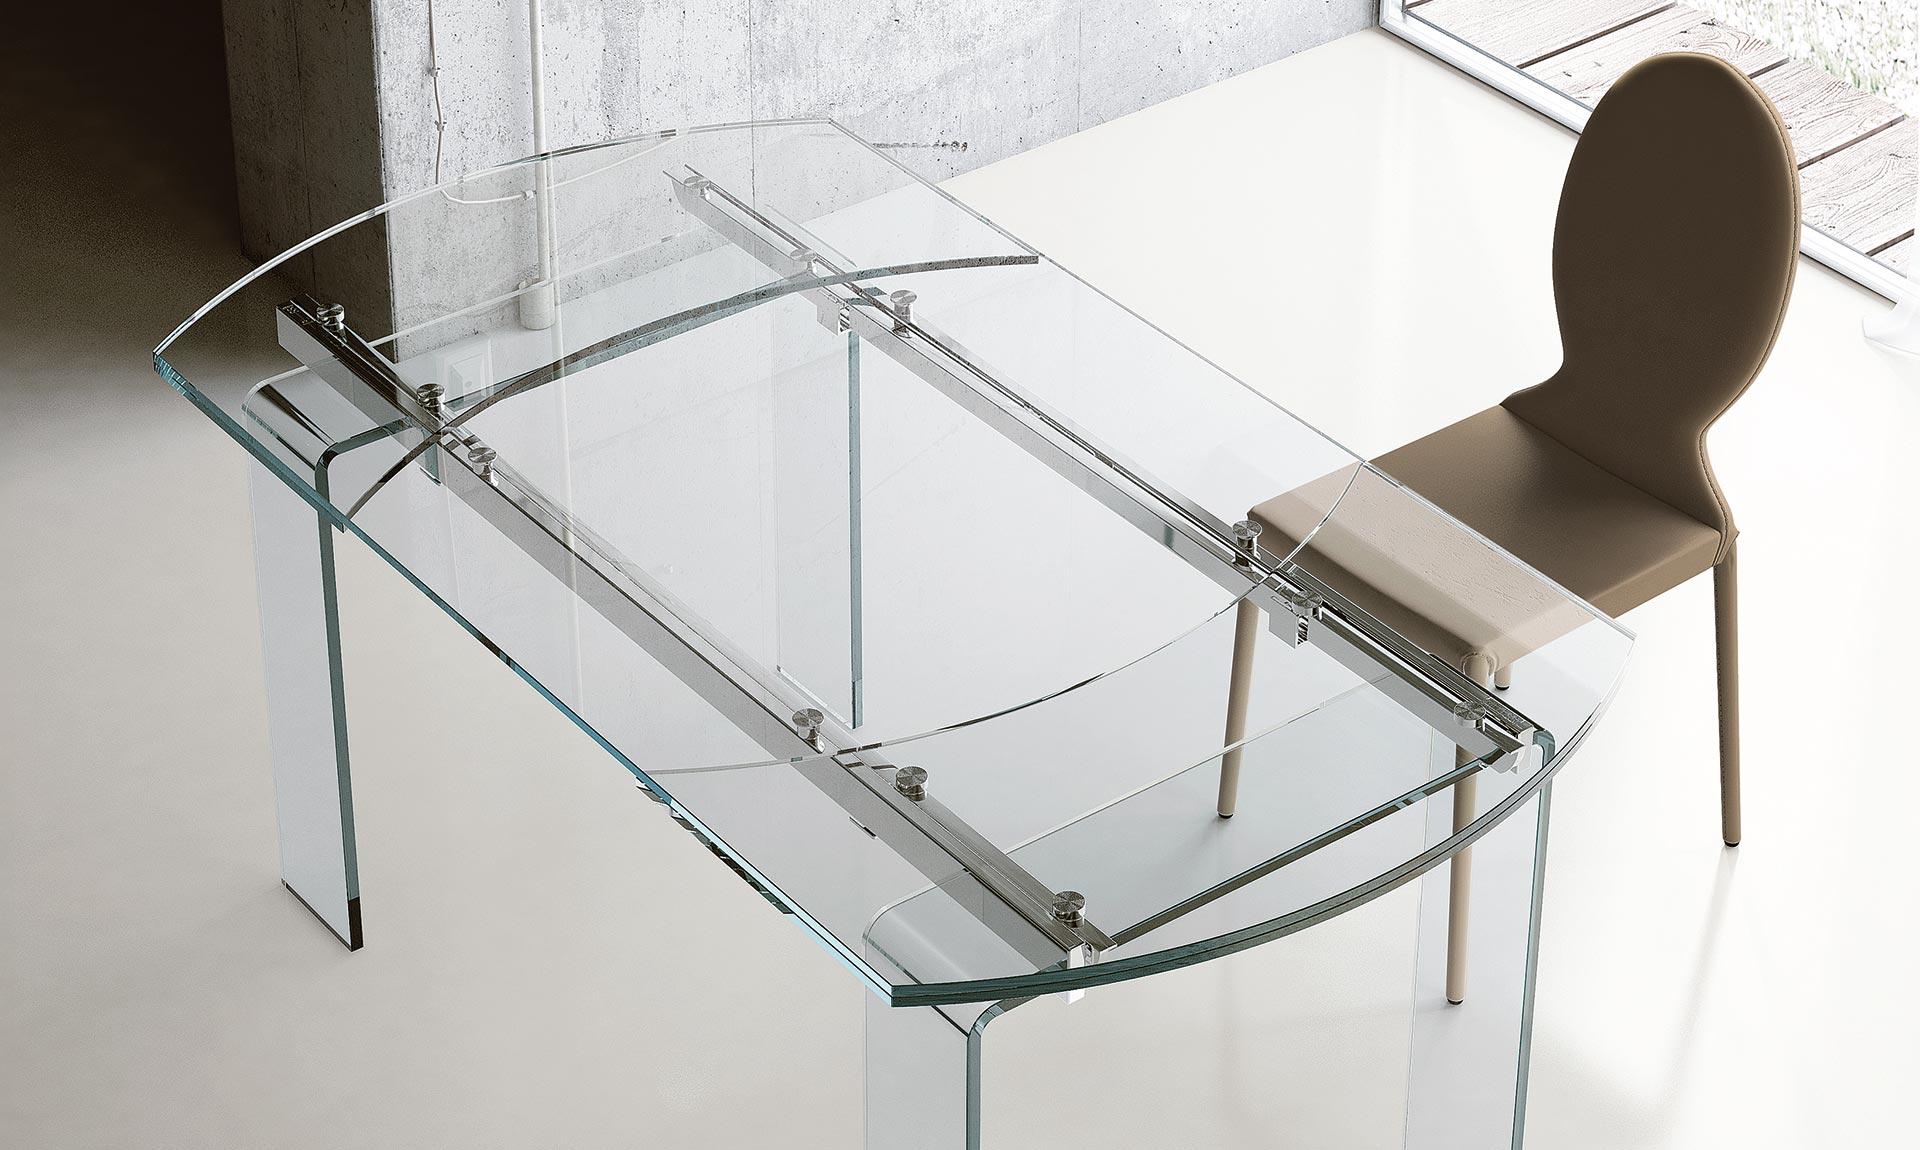 Tavolo ovale allungabile in vetro lord meroni arreda - Tavolo ovale vetro ...